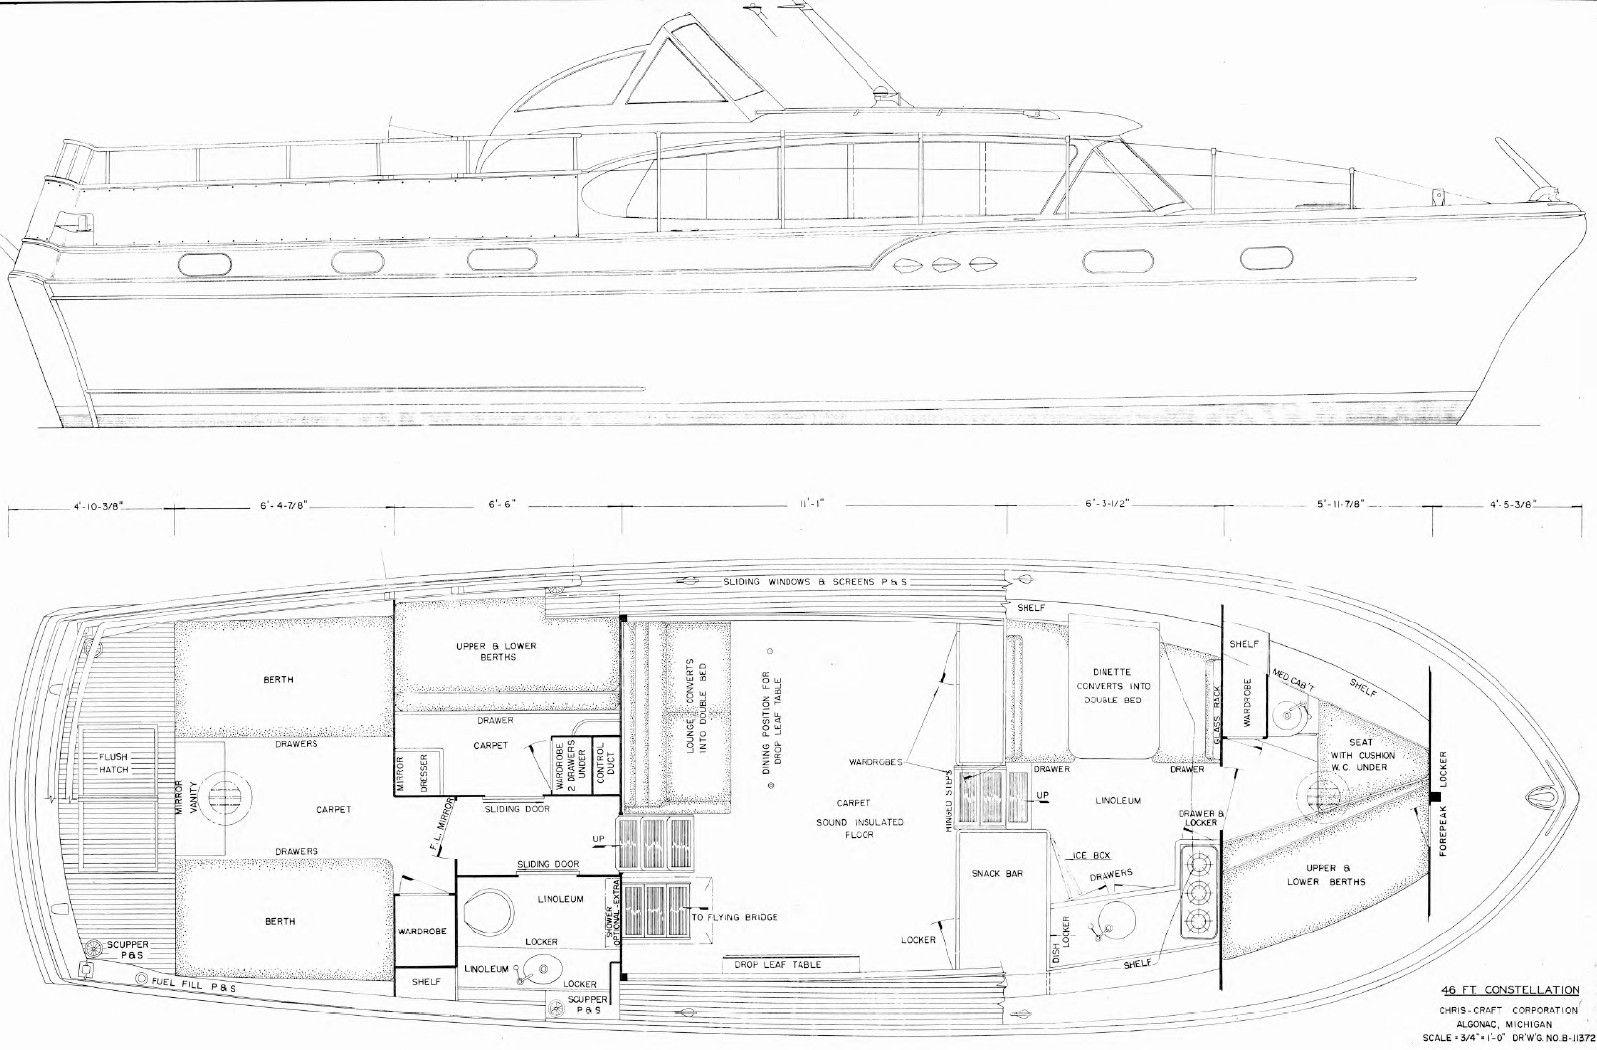 46 Chris Craft Constellation Plan Drawing